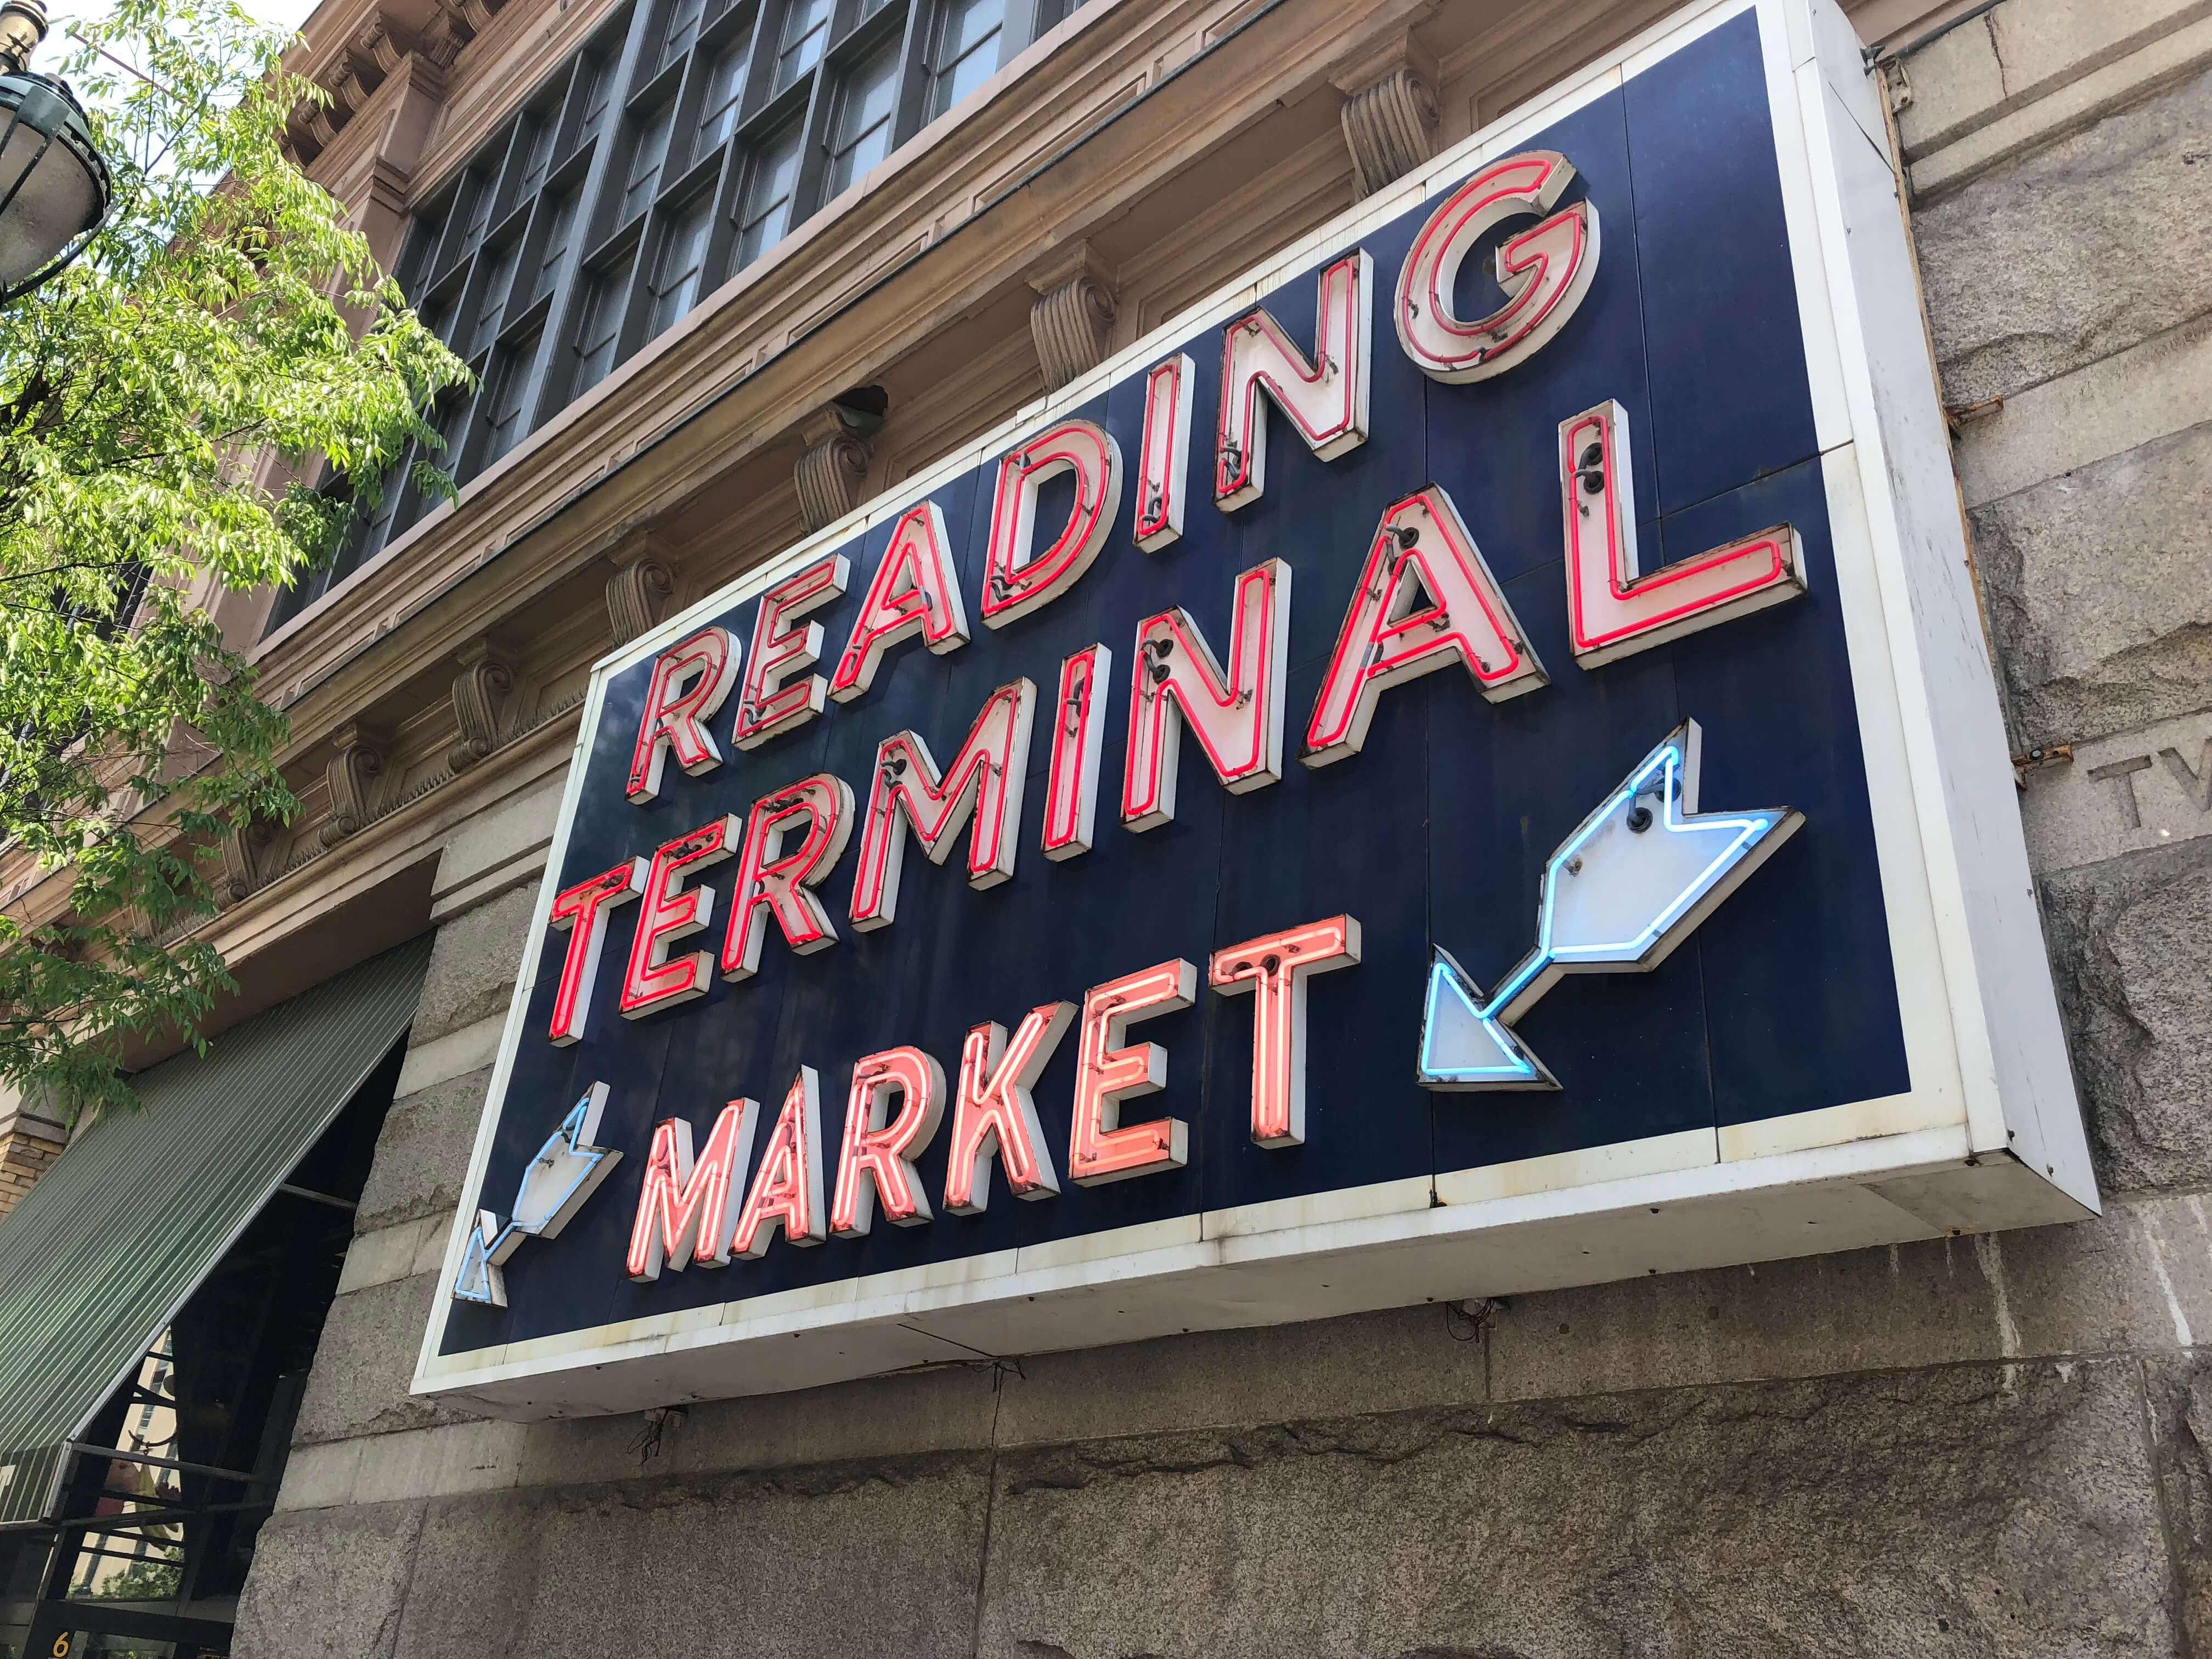 Reading TerminalMarket